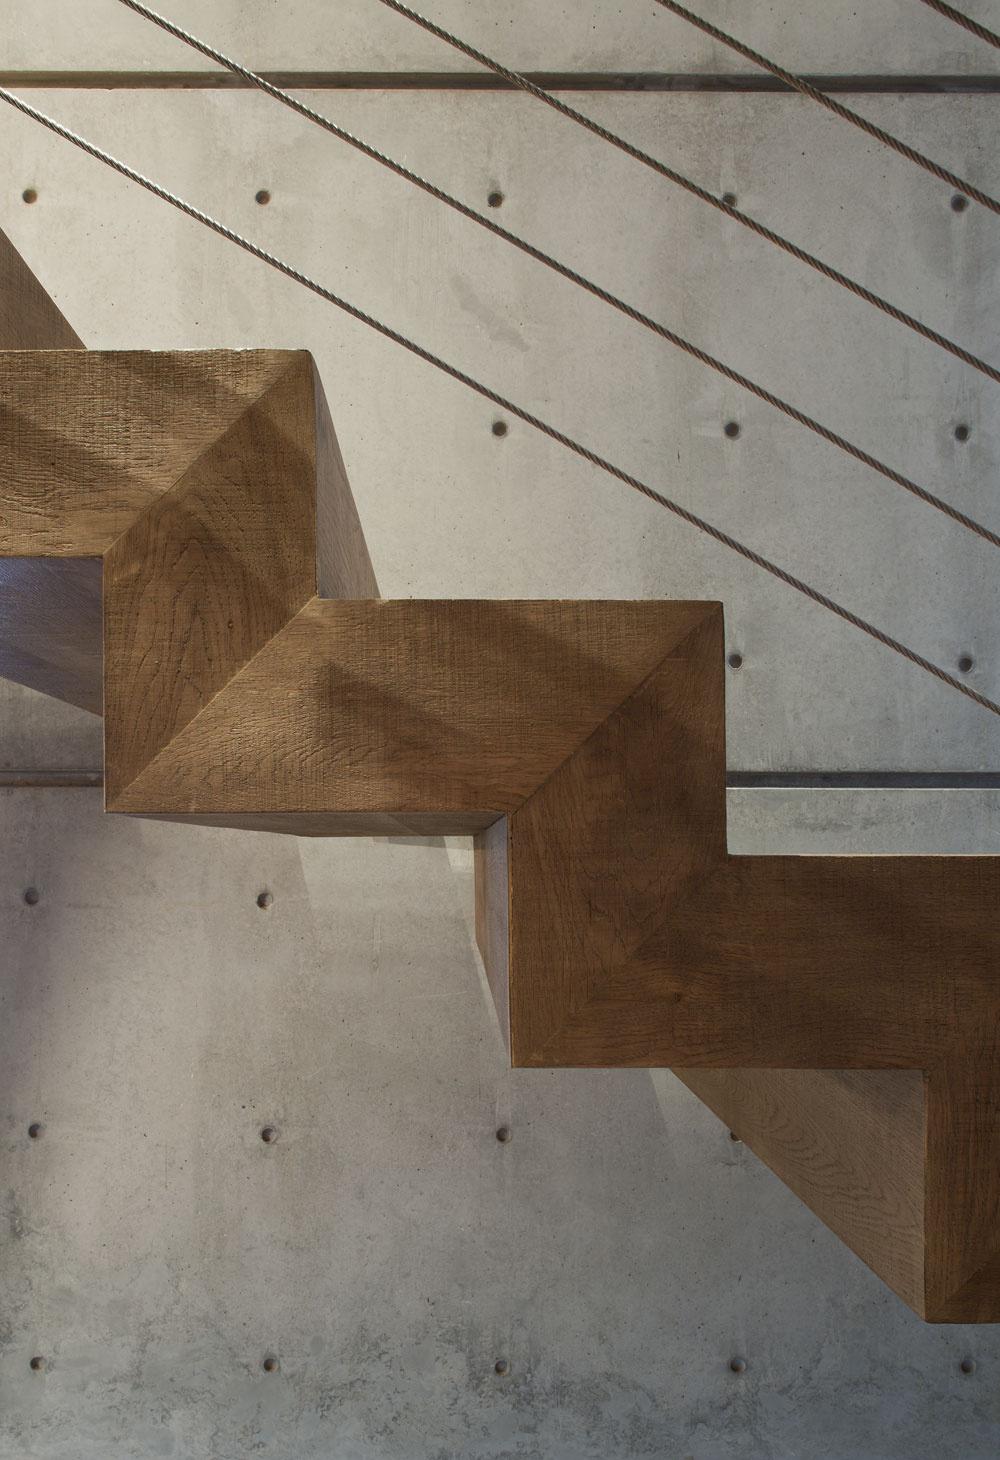 Podobne jednoduché, elegantné tvary, ako majú tieto schodiskové stupne, charakterizujú celý dom. Tíkové drevo, zktorého ich vyrobili, navyše zmierňuje kontrasty vinteriéri aj vexteriéri.